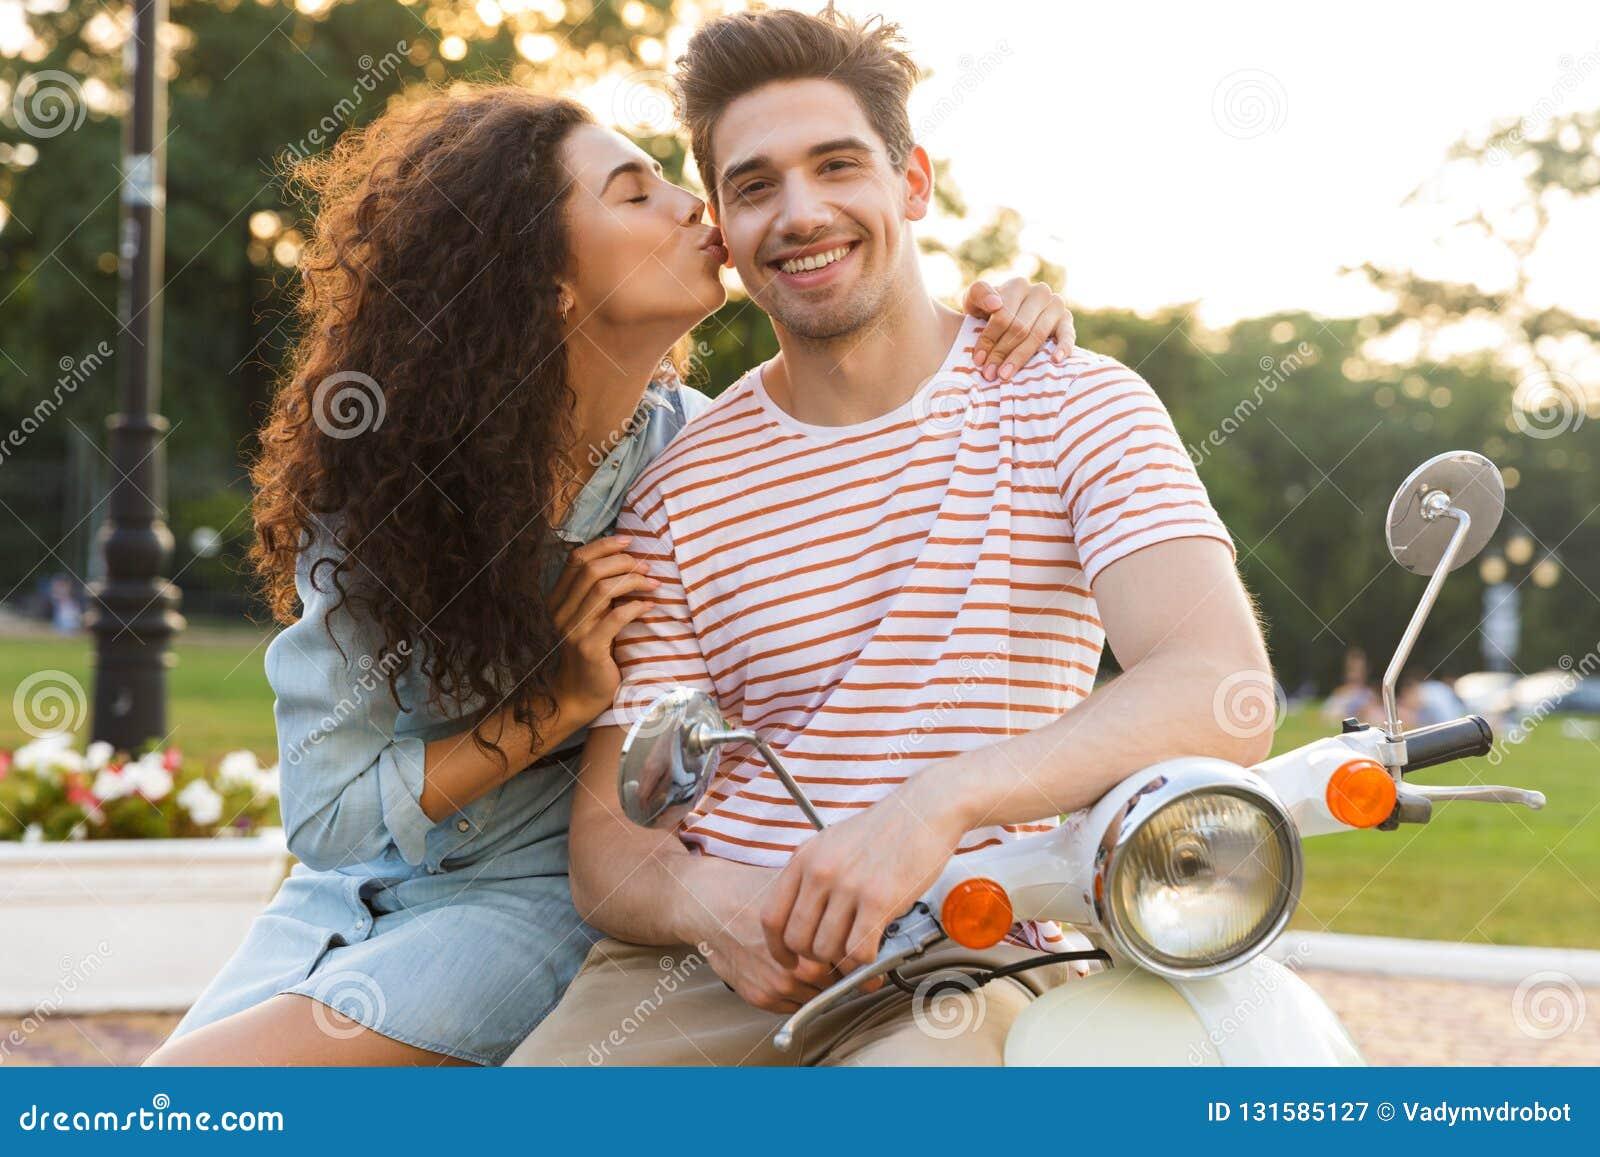 Retrato da mulher bonita que beija o homem caucasiano no mordente ao sentar-se no velomotor